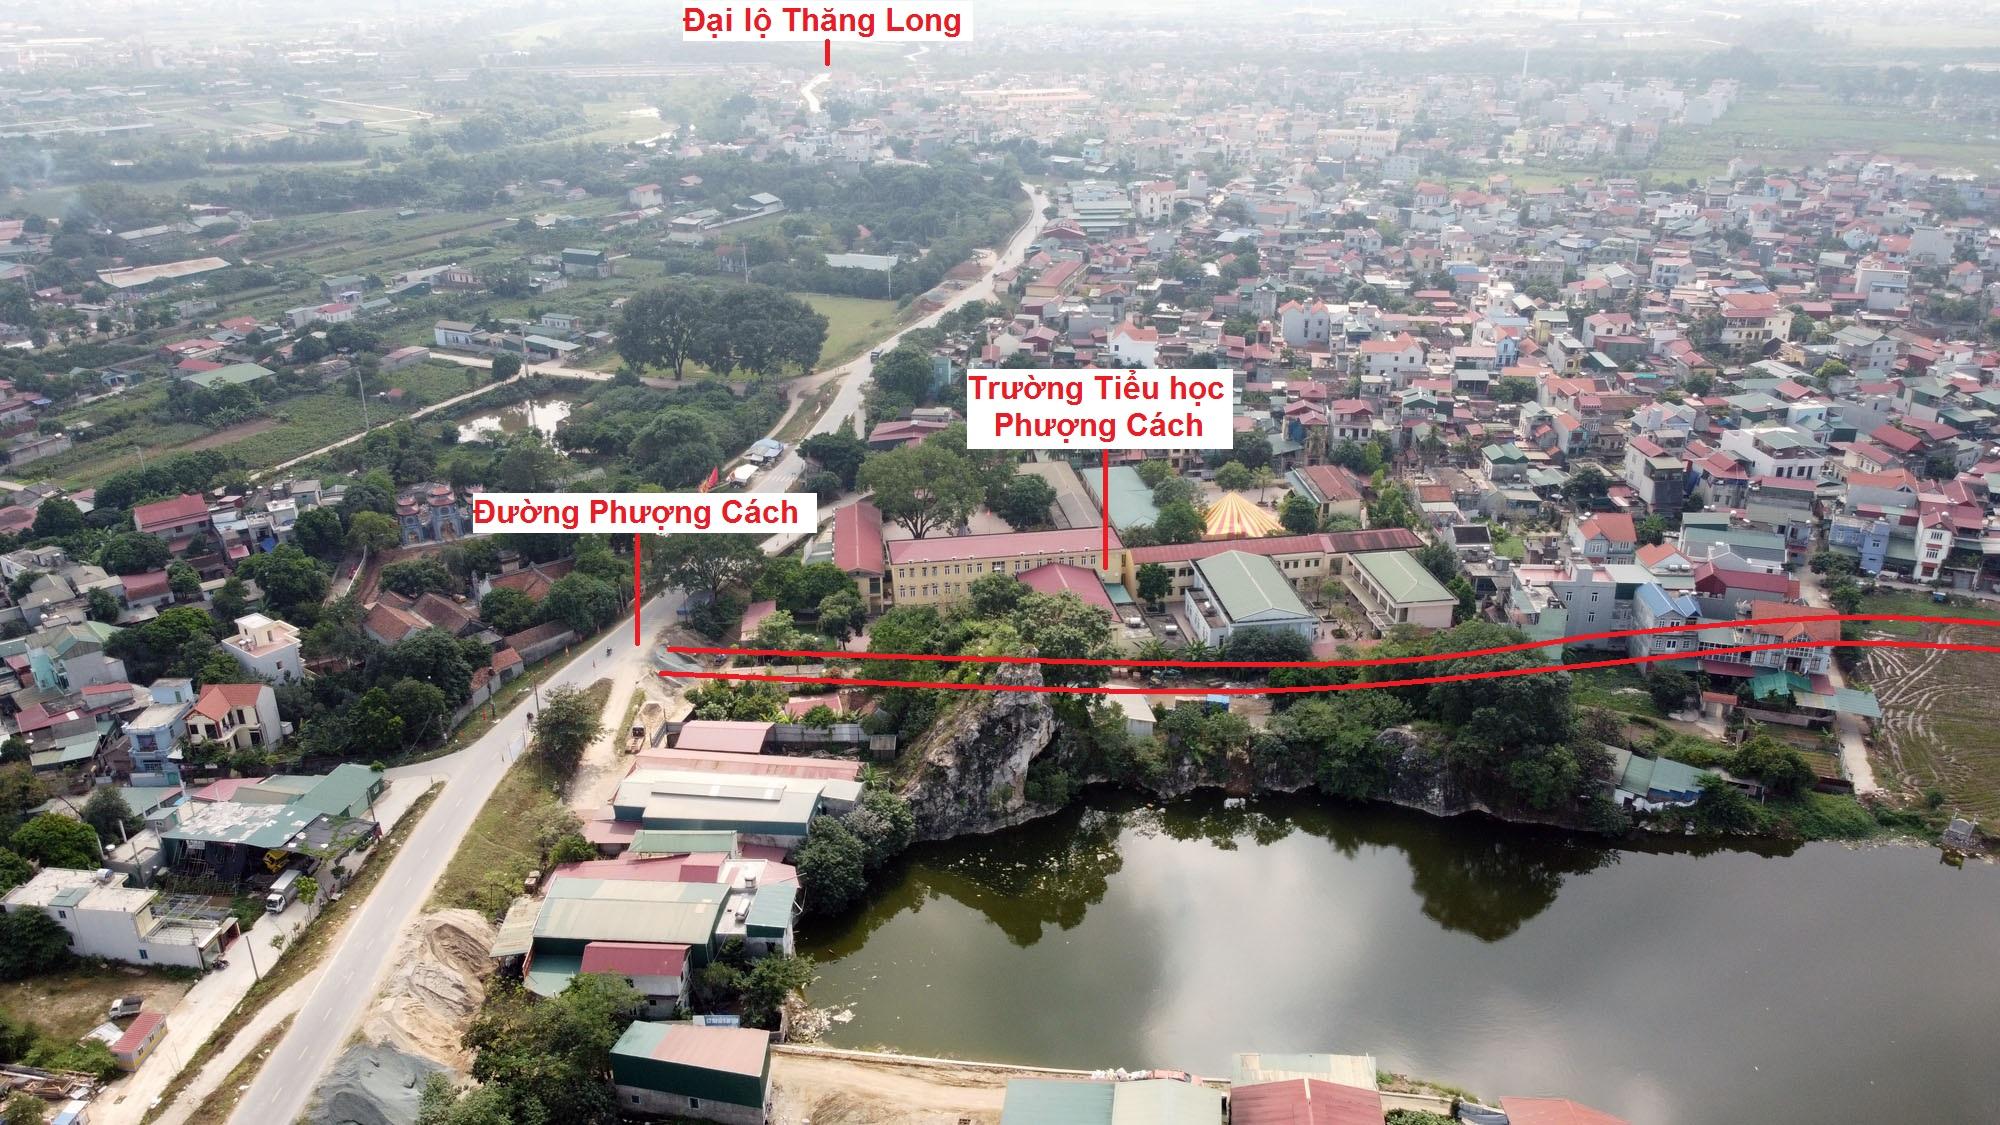 Ba đường sẽ mở theo qui hoạch ở xã Phượng Cách, Quốc Oai, Hà Nội - Ảnh 7.